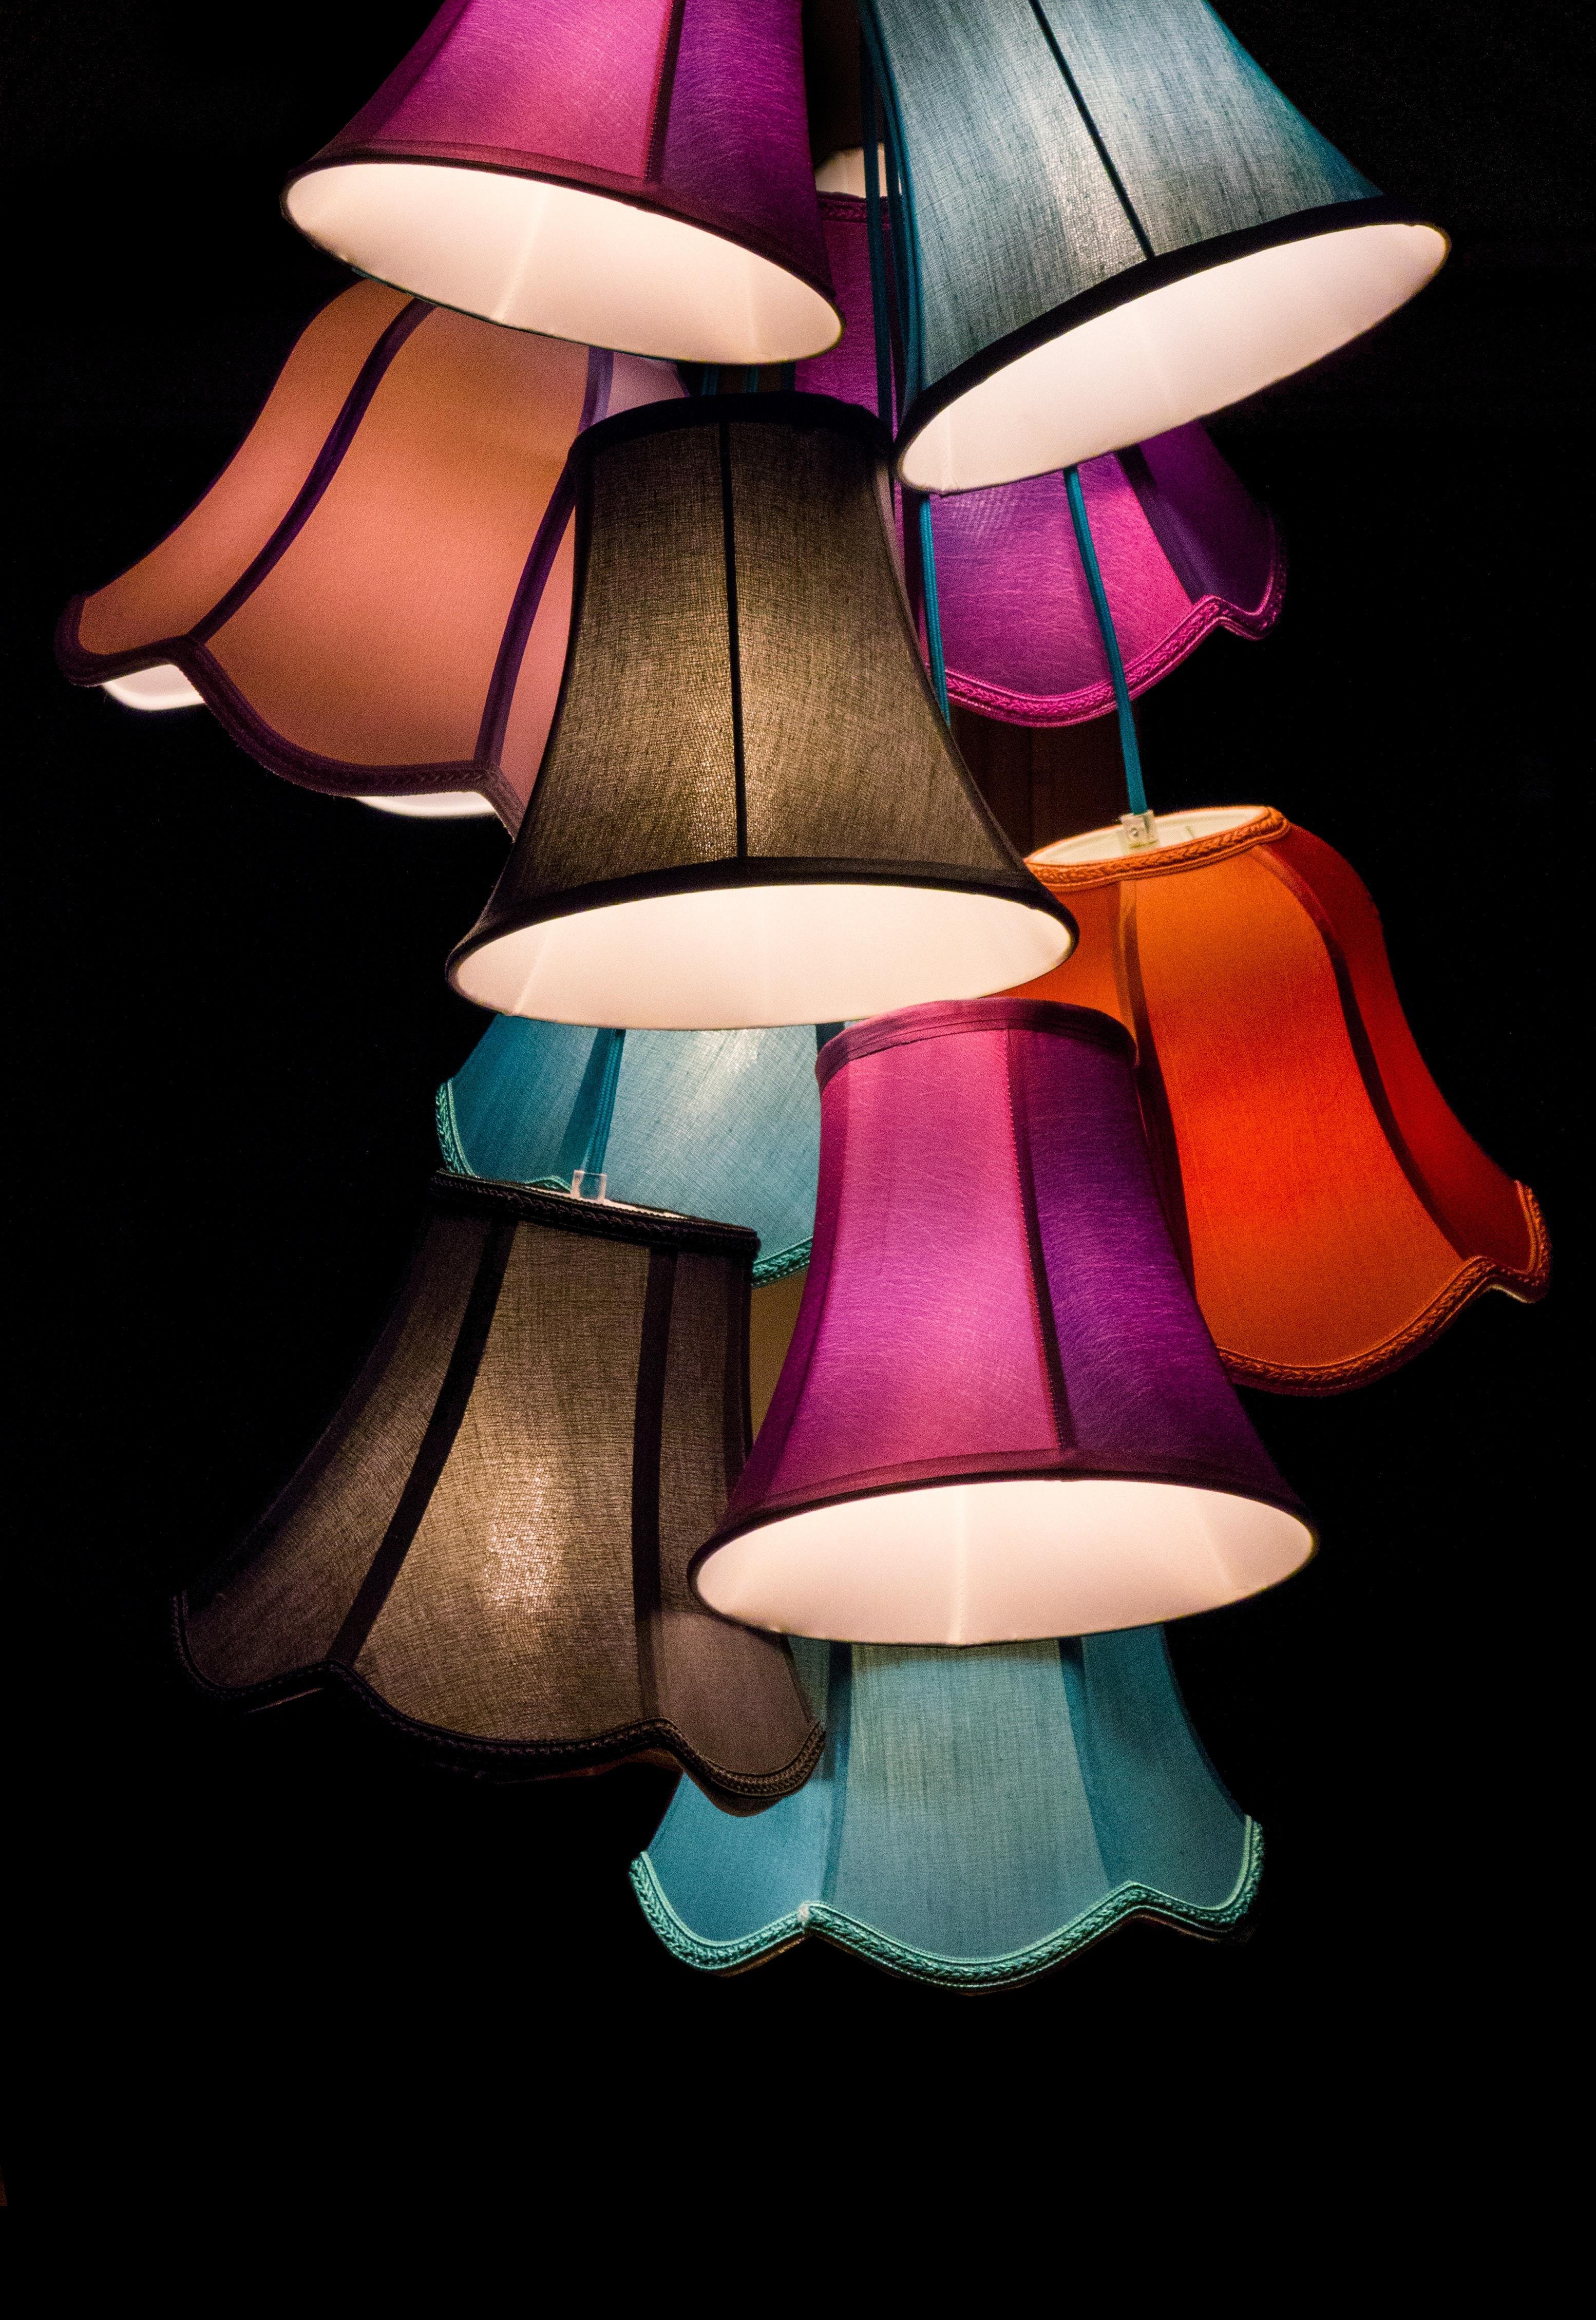 Lampen & Leuchten für wenig Geld